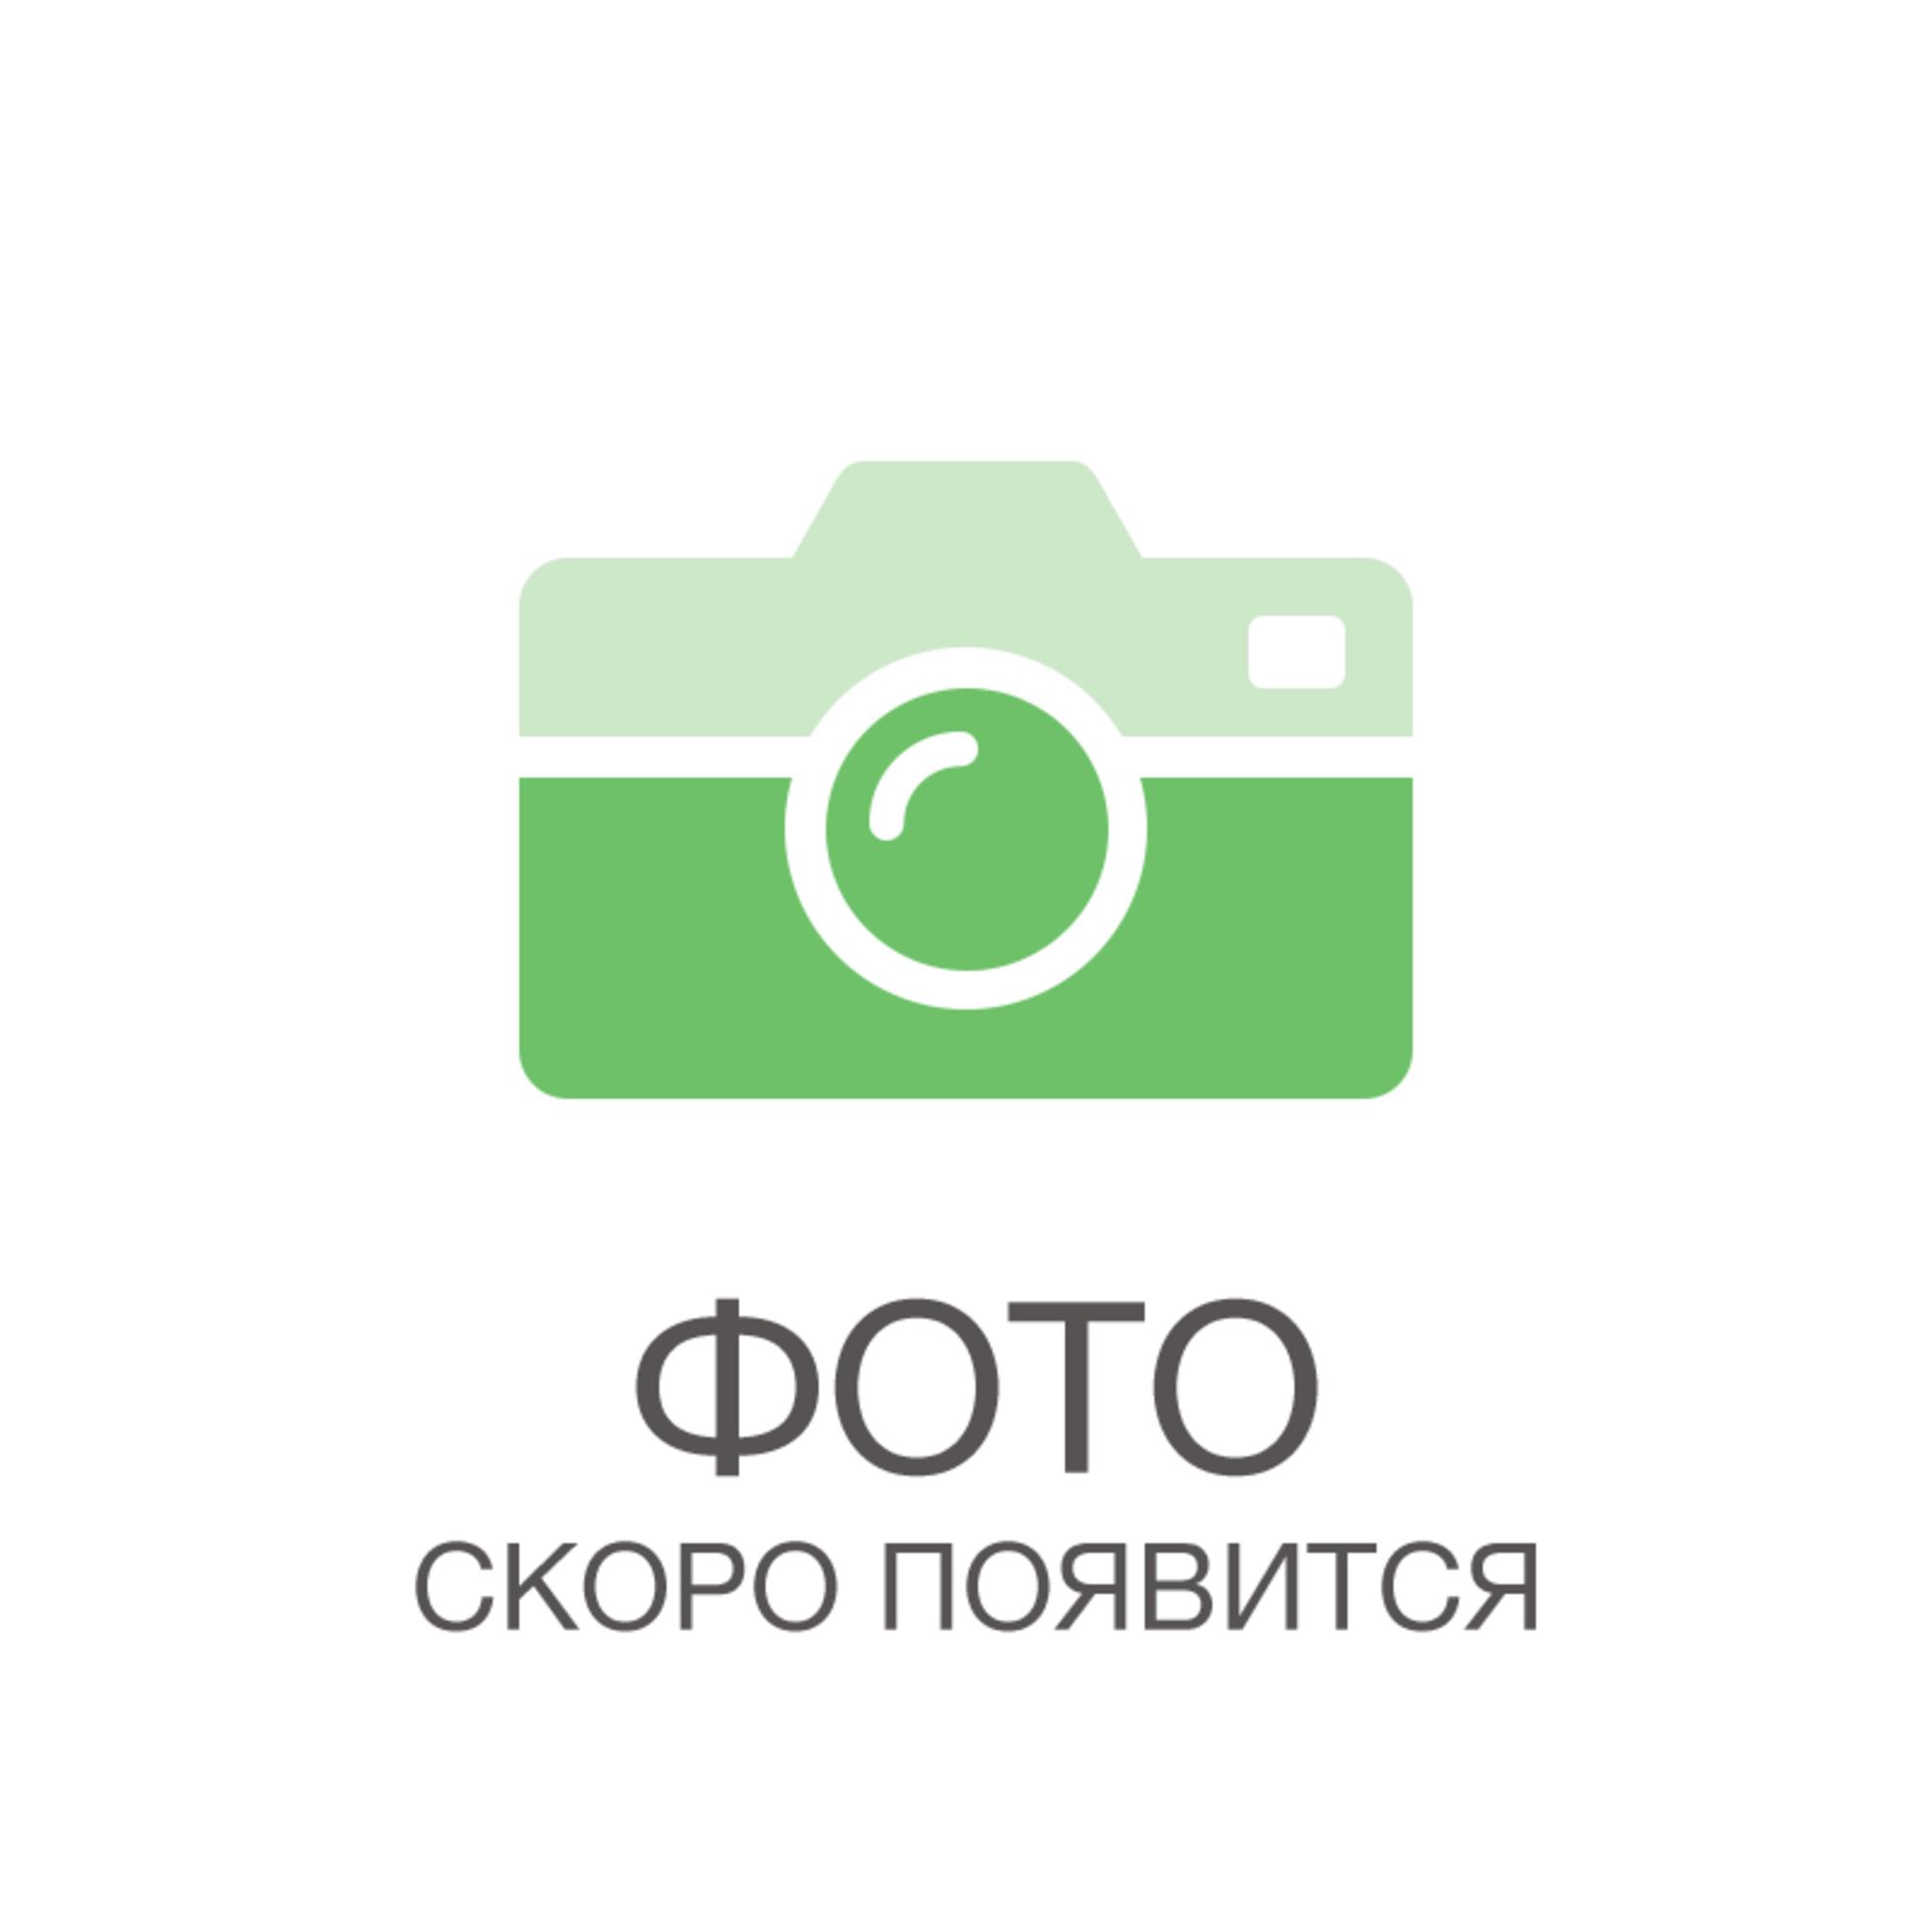 Лампа светодиодная Gauss Basic GX53 230 В 5.5 Вт диск 440 лм свет белый